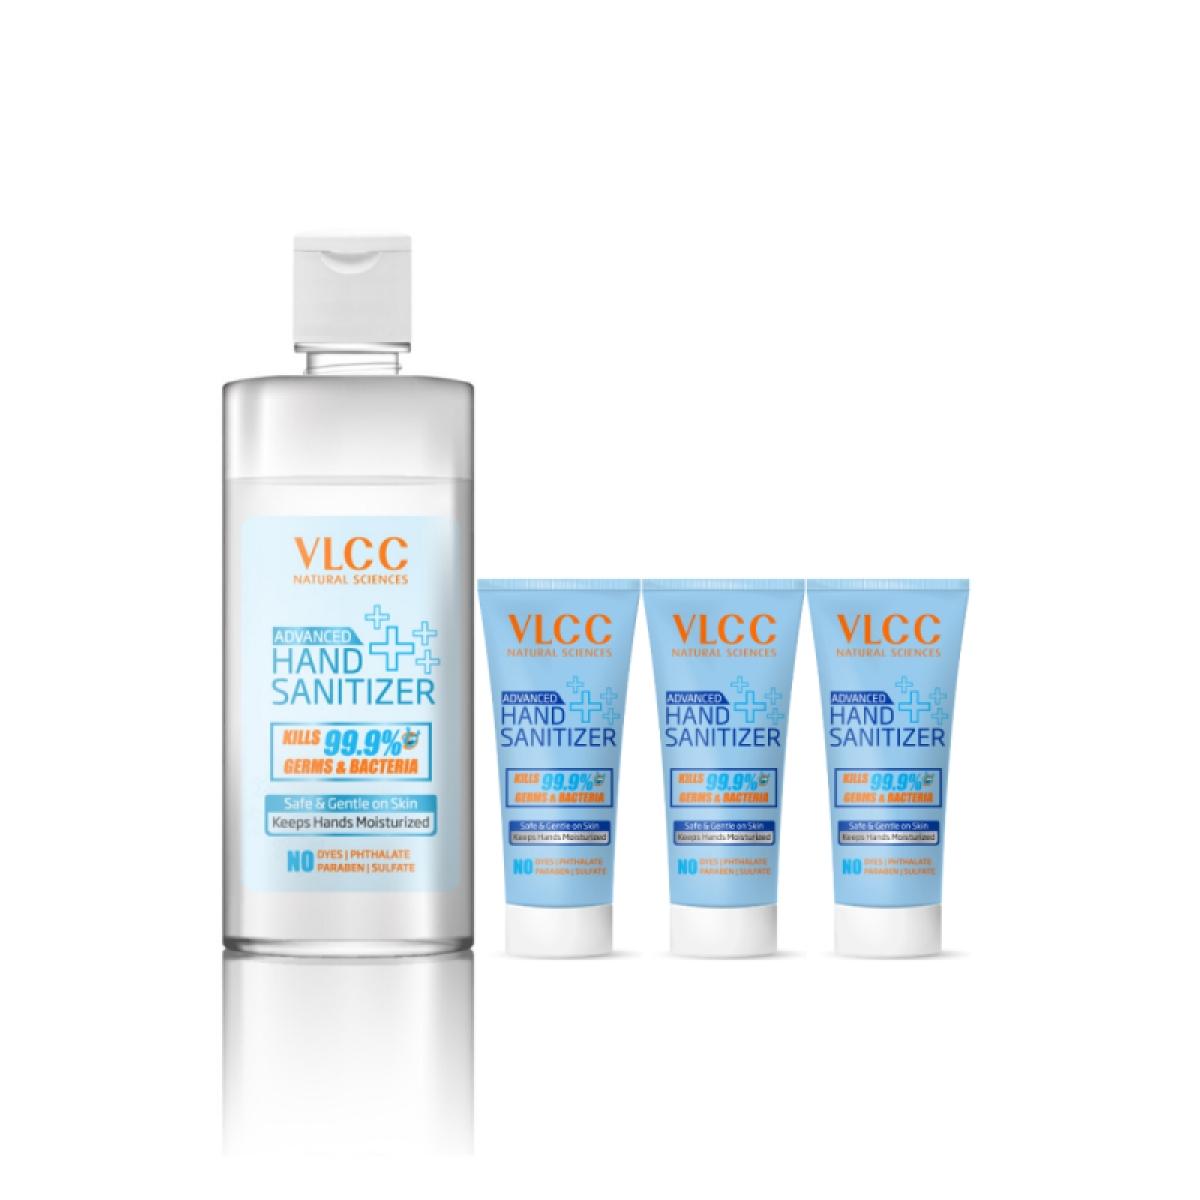 VLCC hand sanitiser